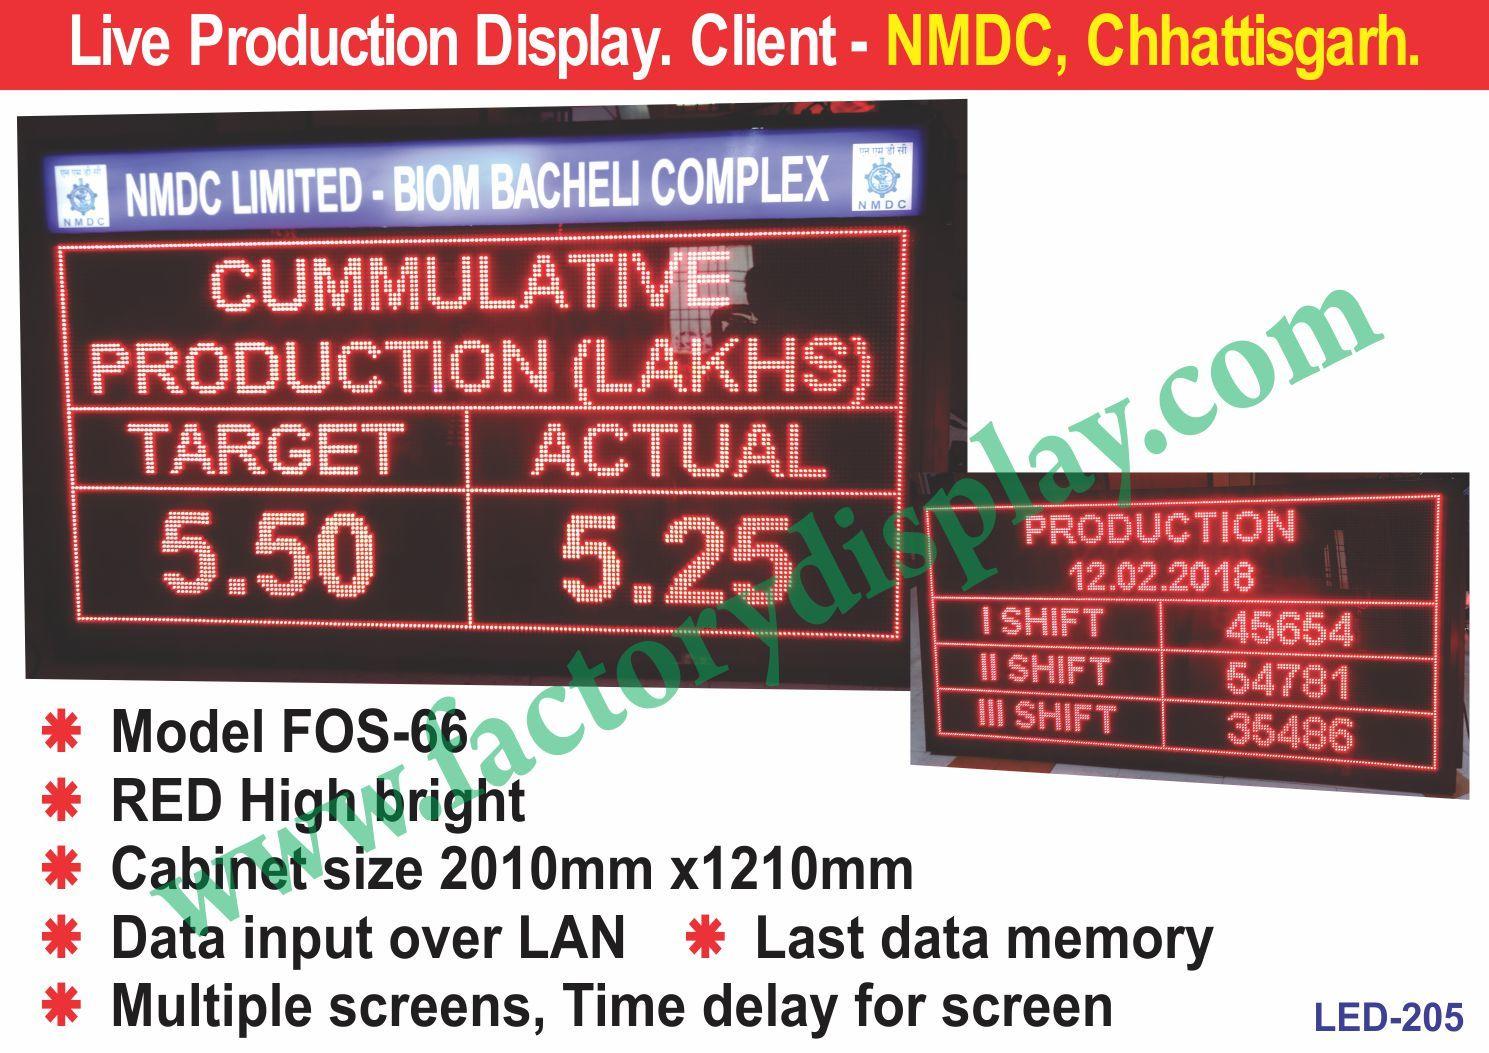 LED Production Display Board Manufacturer,Supplier in Tamil Nadu